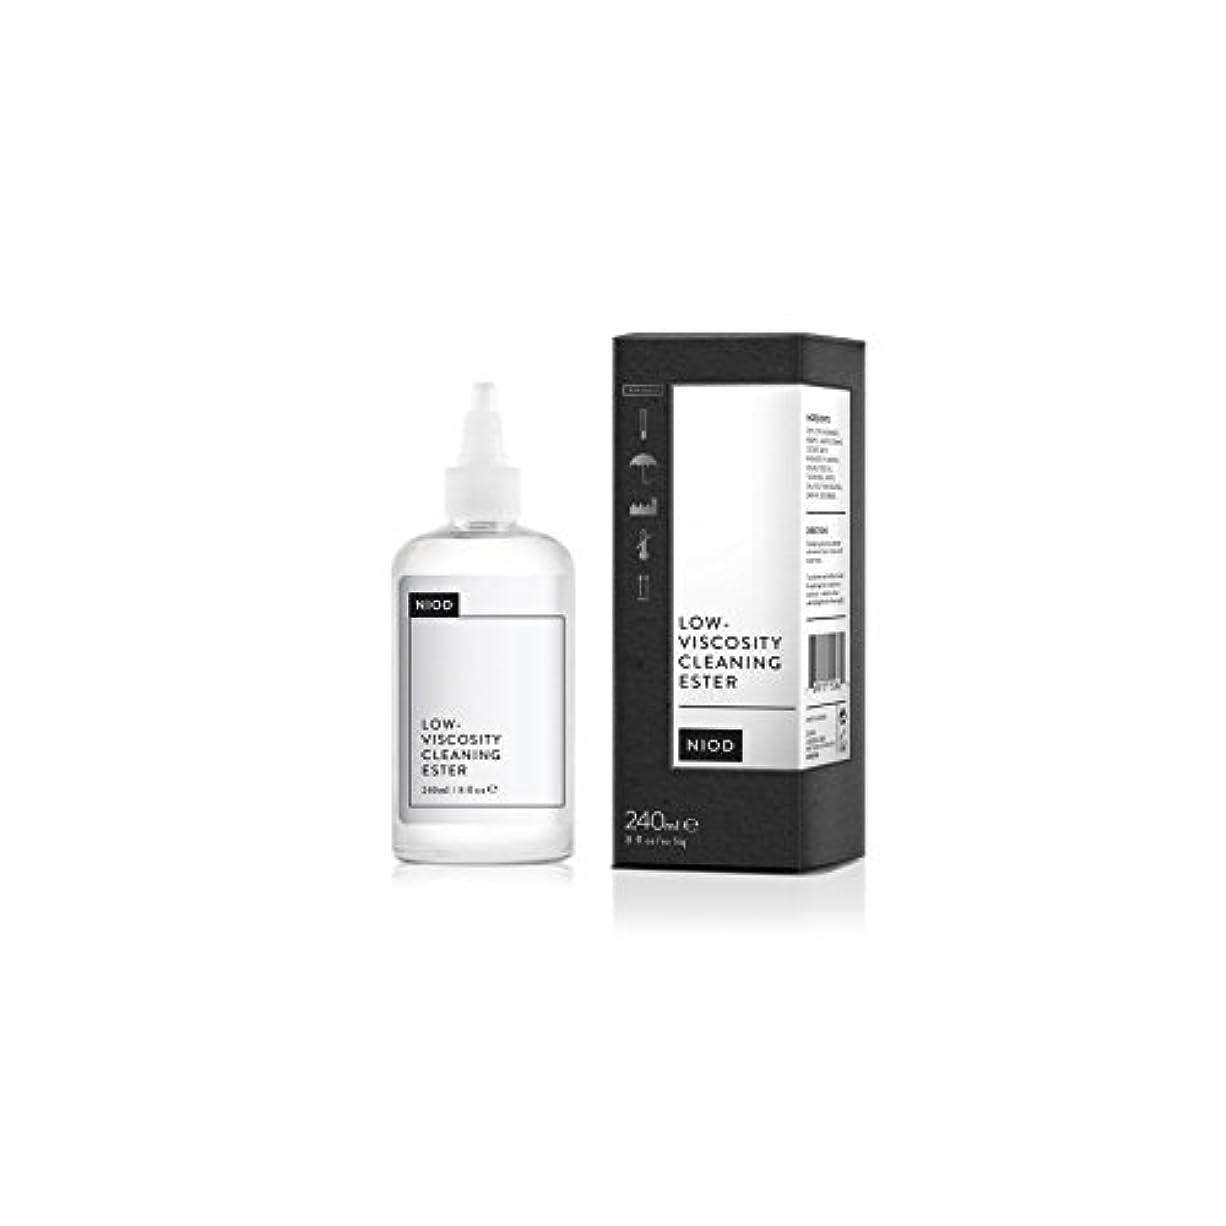 半径強制的プーノ低粘度のクリーニングエステル(240ミリリットル) x4 - Niod Low-Viscosity Cleaning Ester (240ml) (Pack of 4) [並行輸入品]